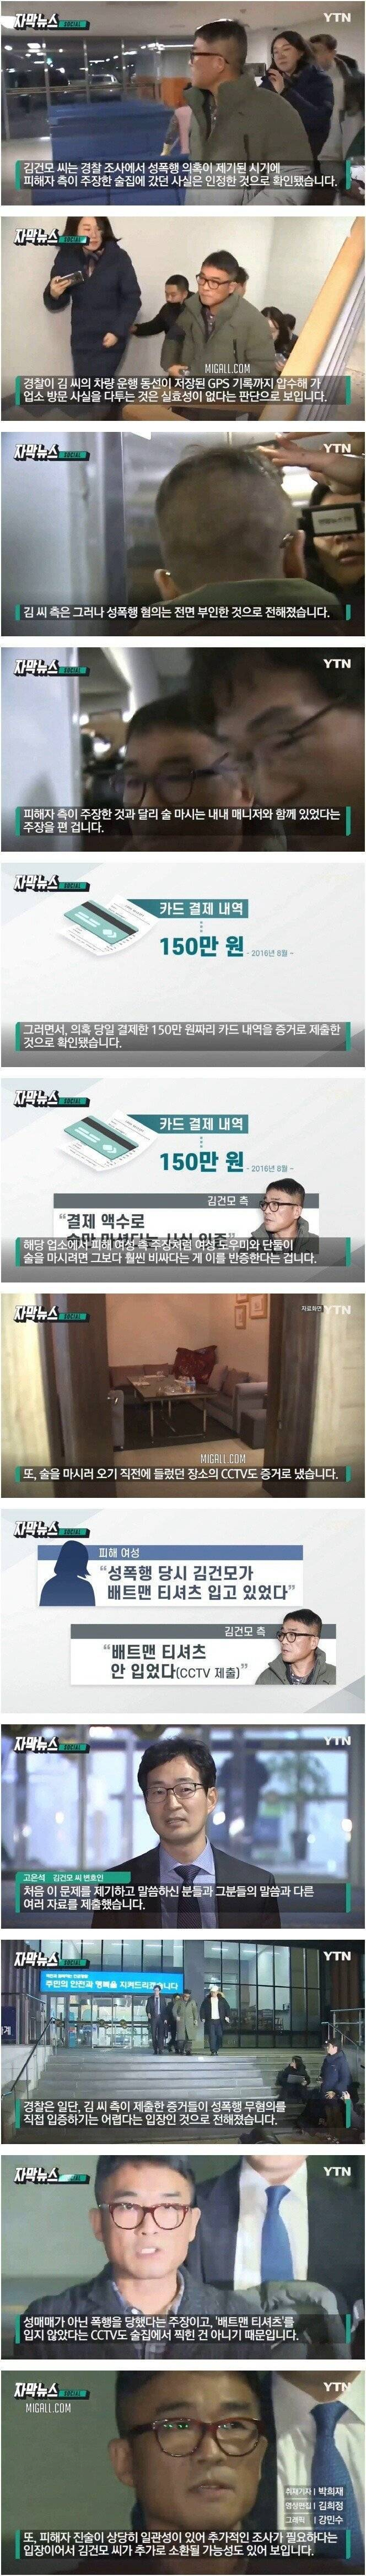 김건모가 제출했다는 자료 | 인스티즈